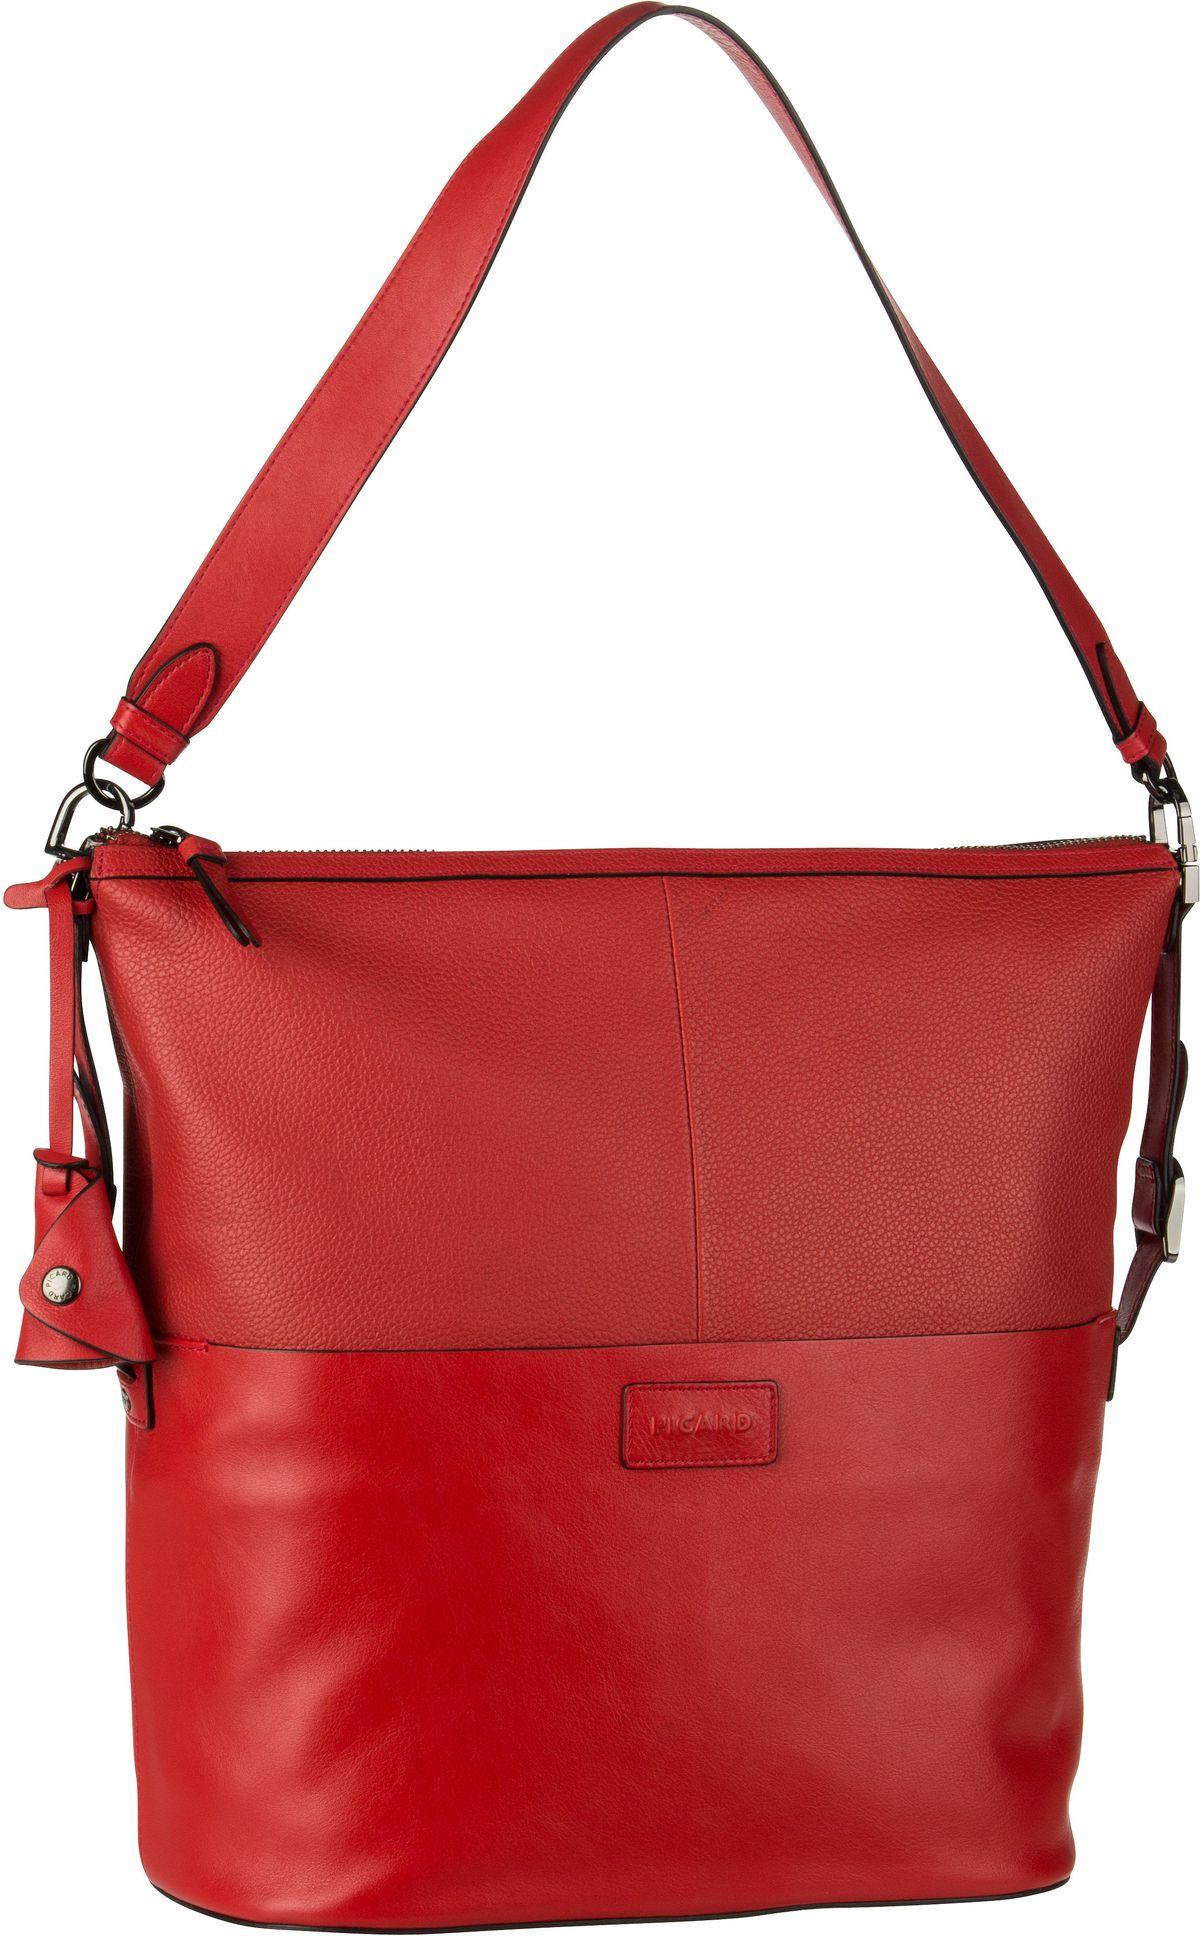 Handtasche Rendezvous 9541 Lipstick